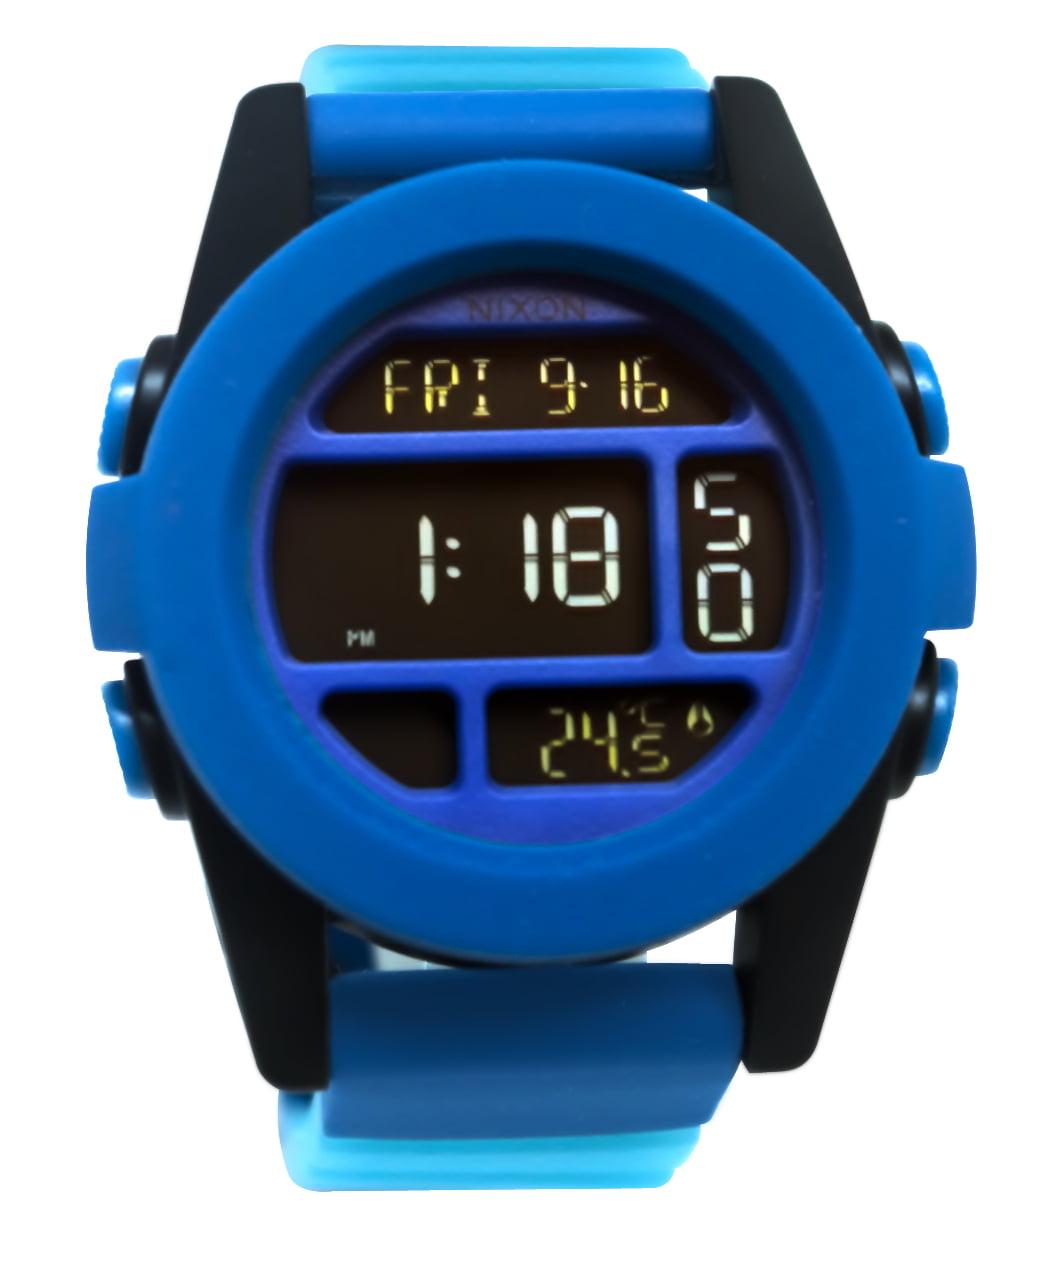 A1972212 Unit Blue Fade Digital Silicone Watch New